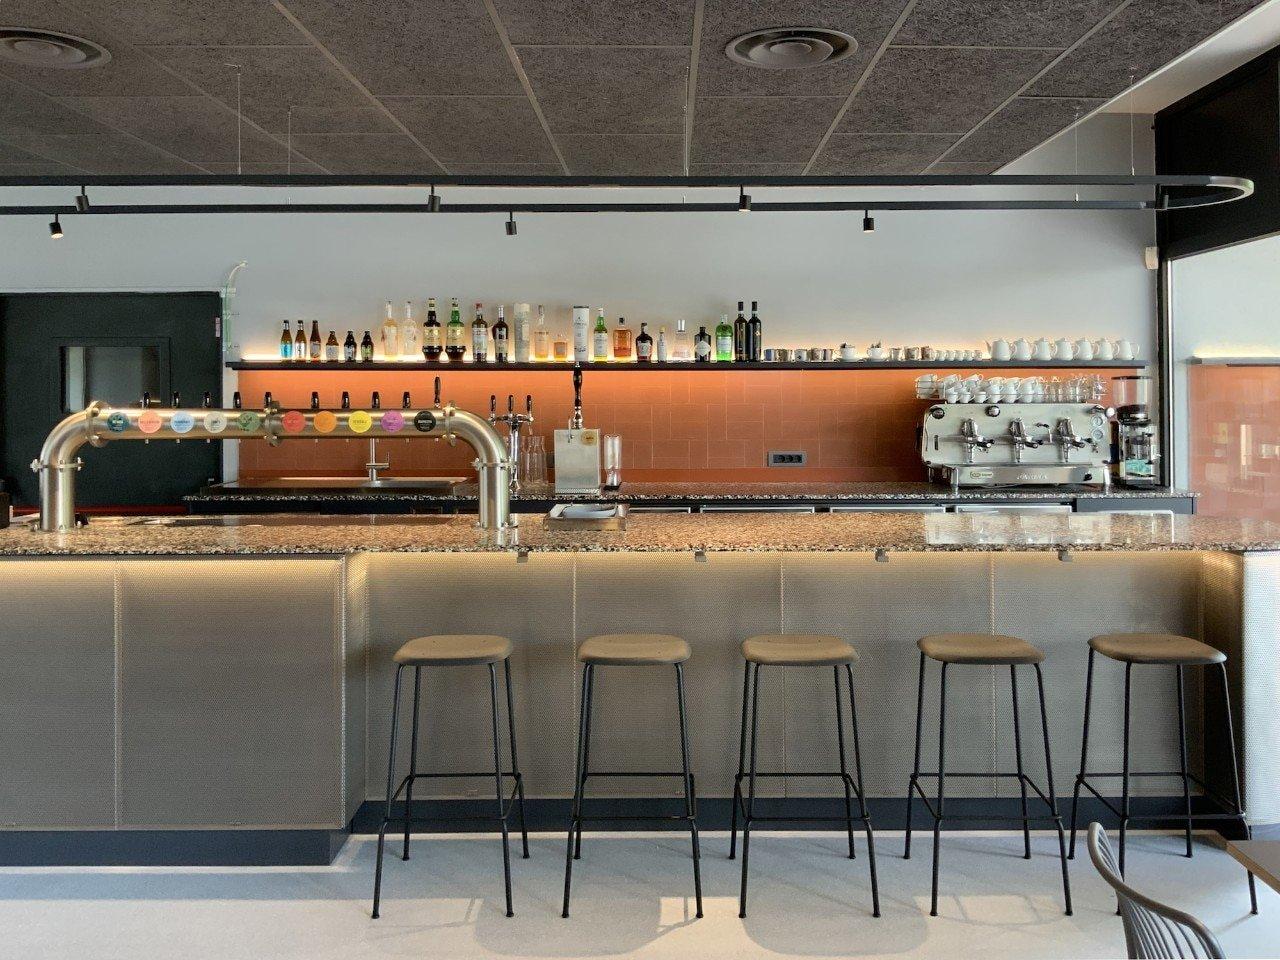 La birreria in Barona ispirata ai maestri del design italiano